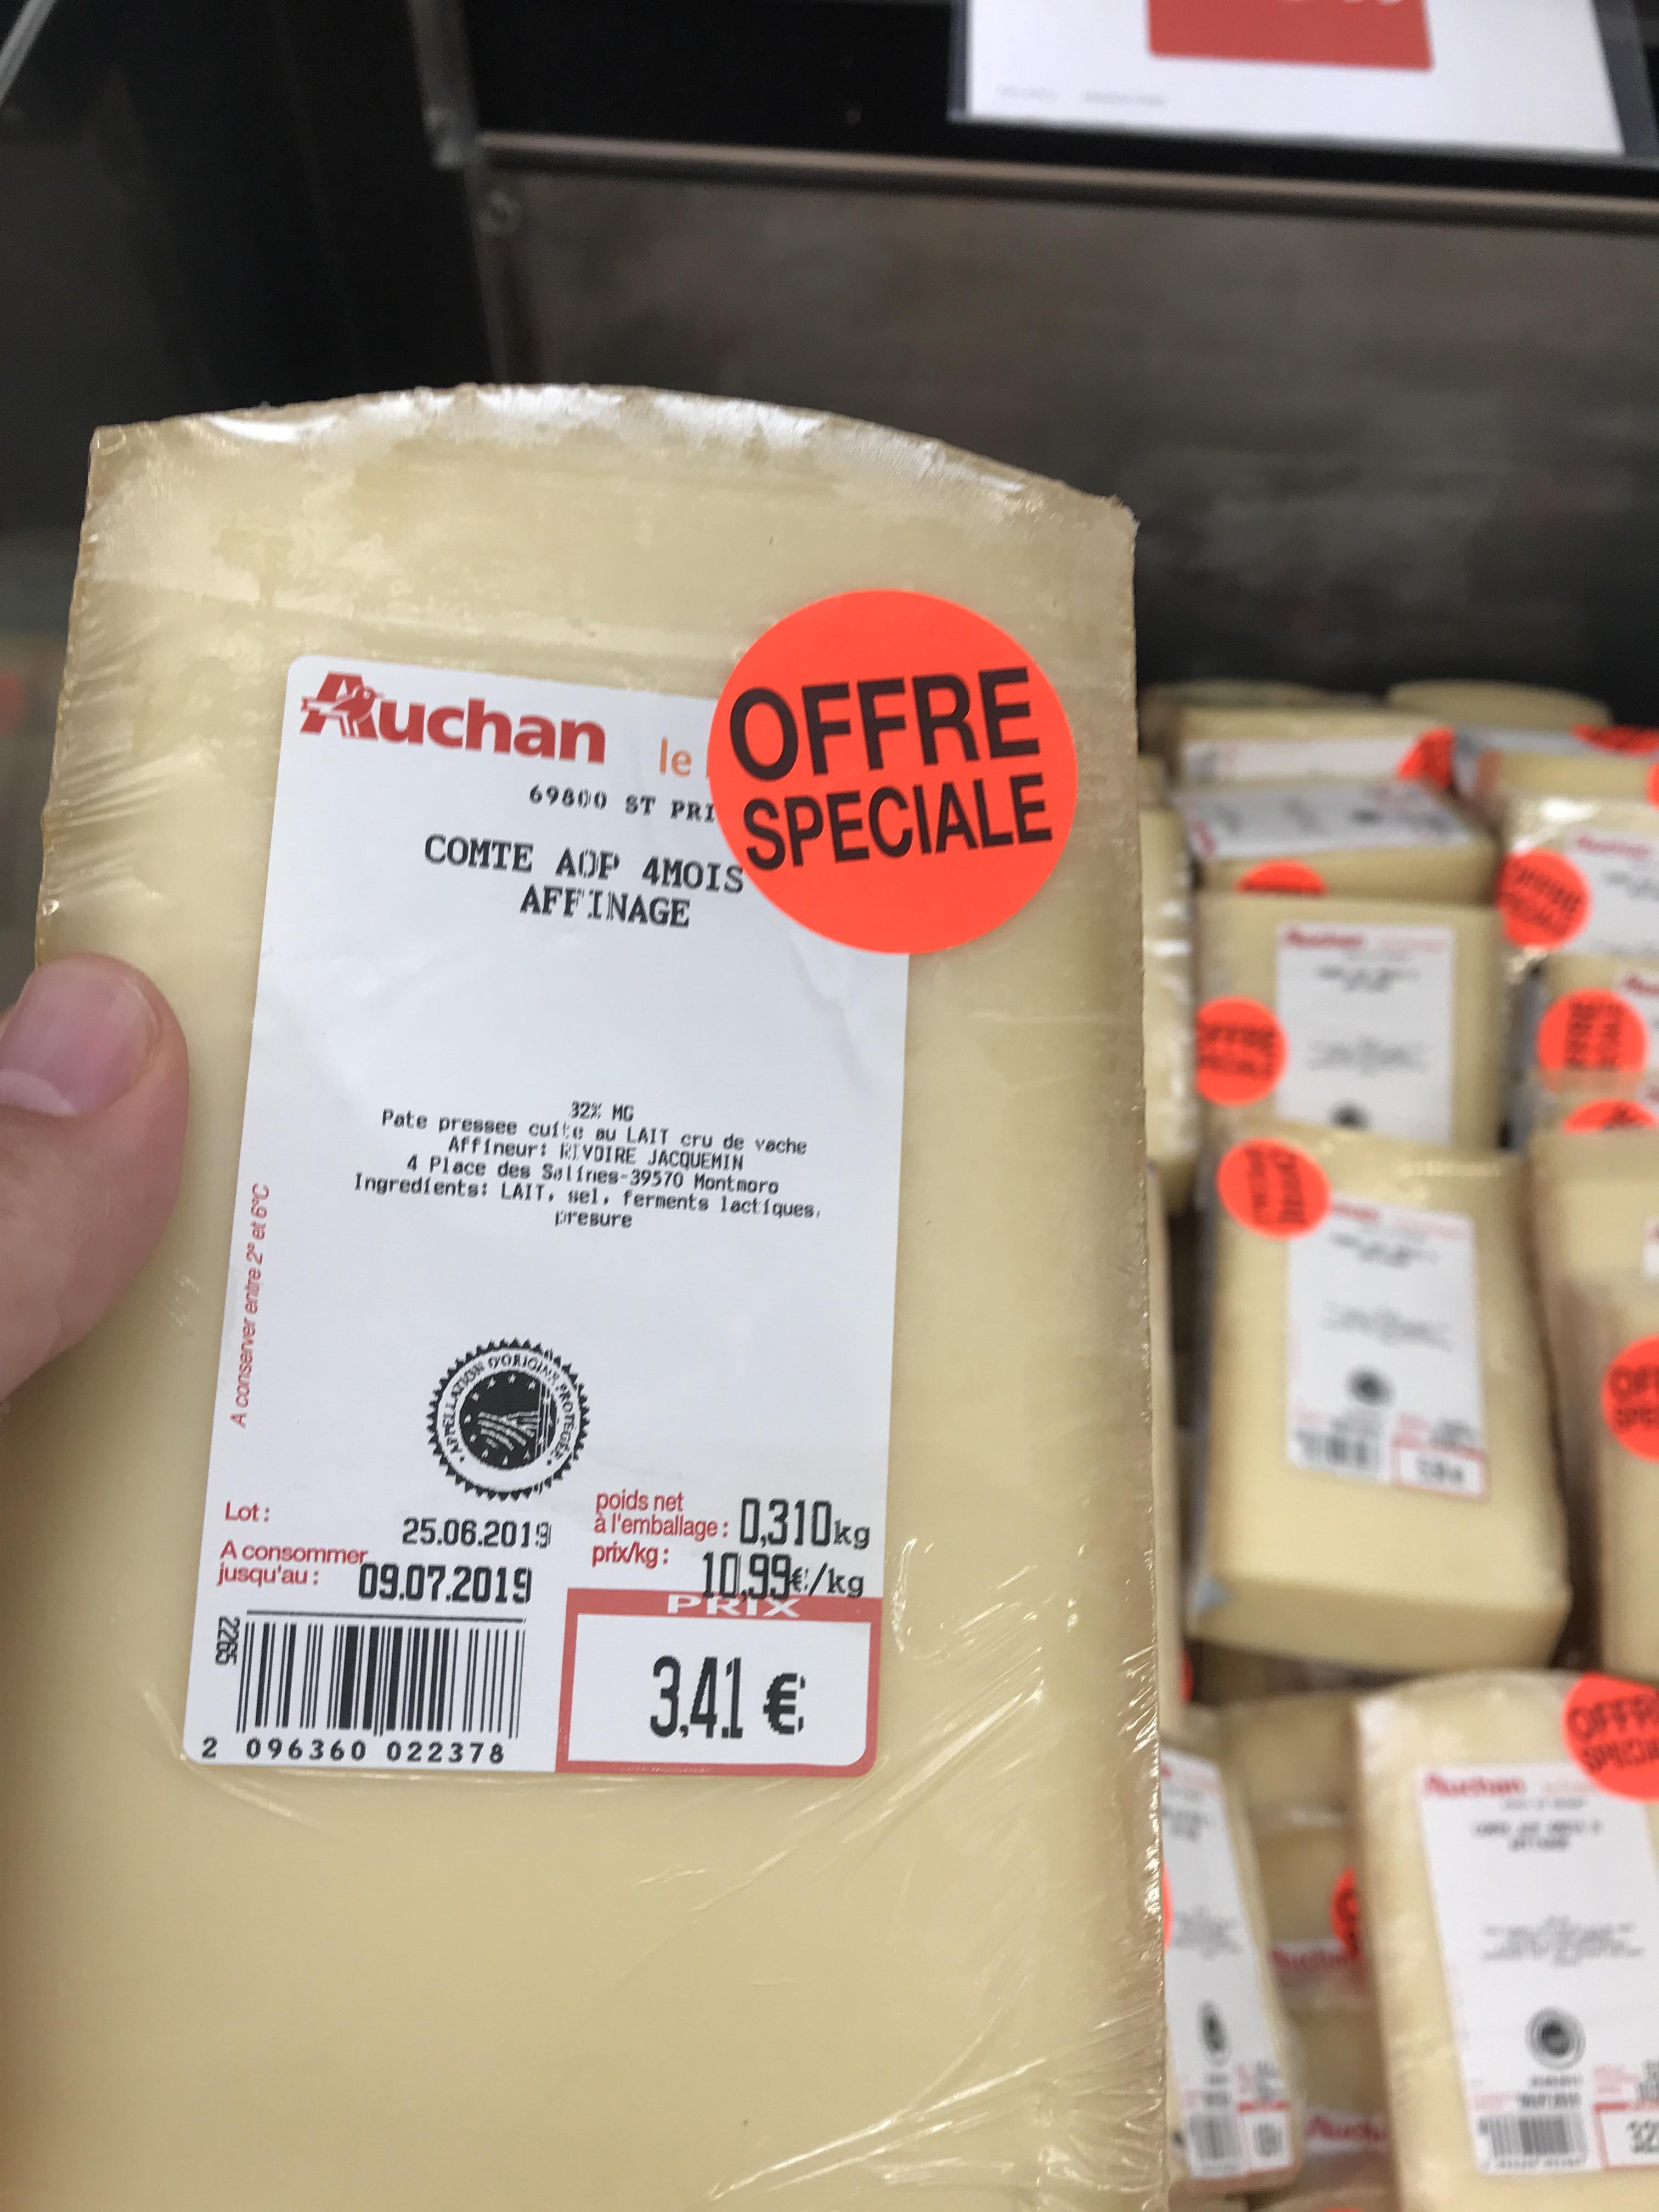 Fromage Comte AOP Affinage 4 mois, 310G - Porte des alpes (69)